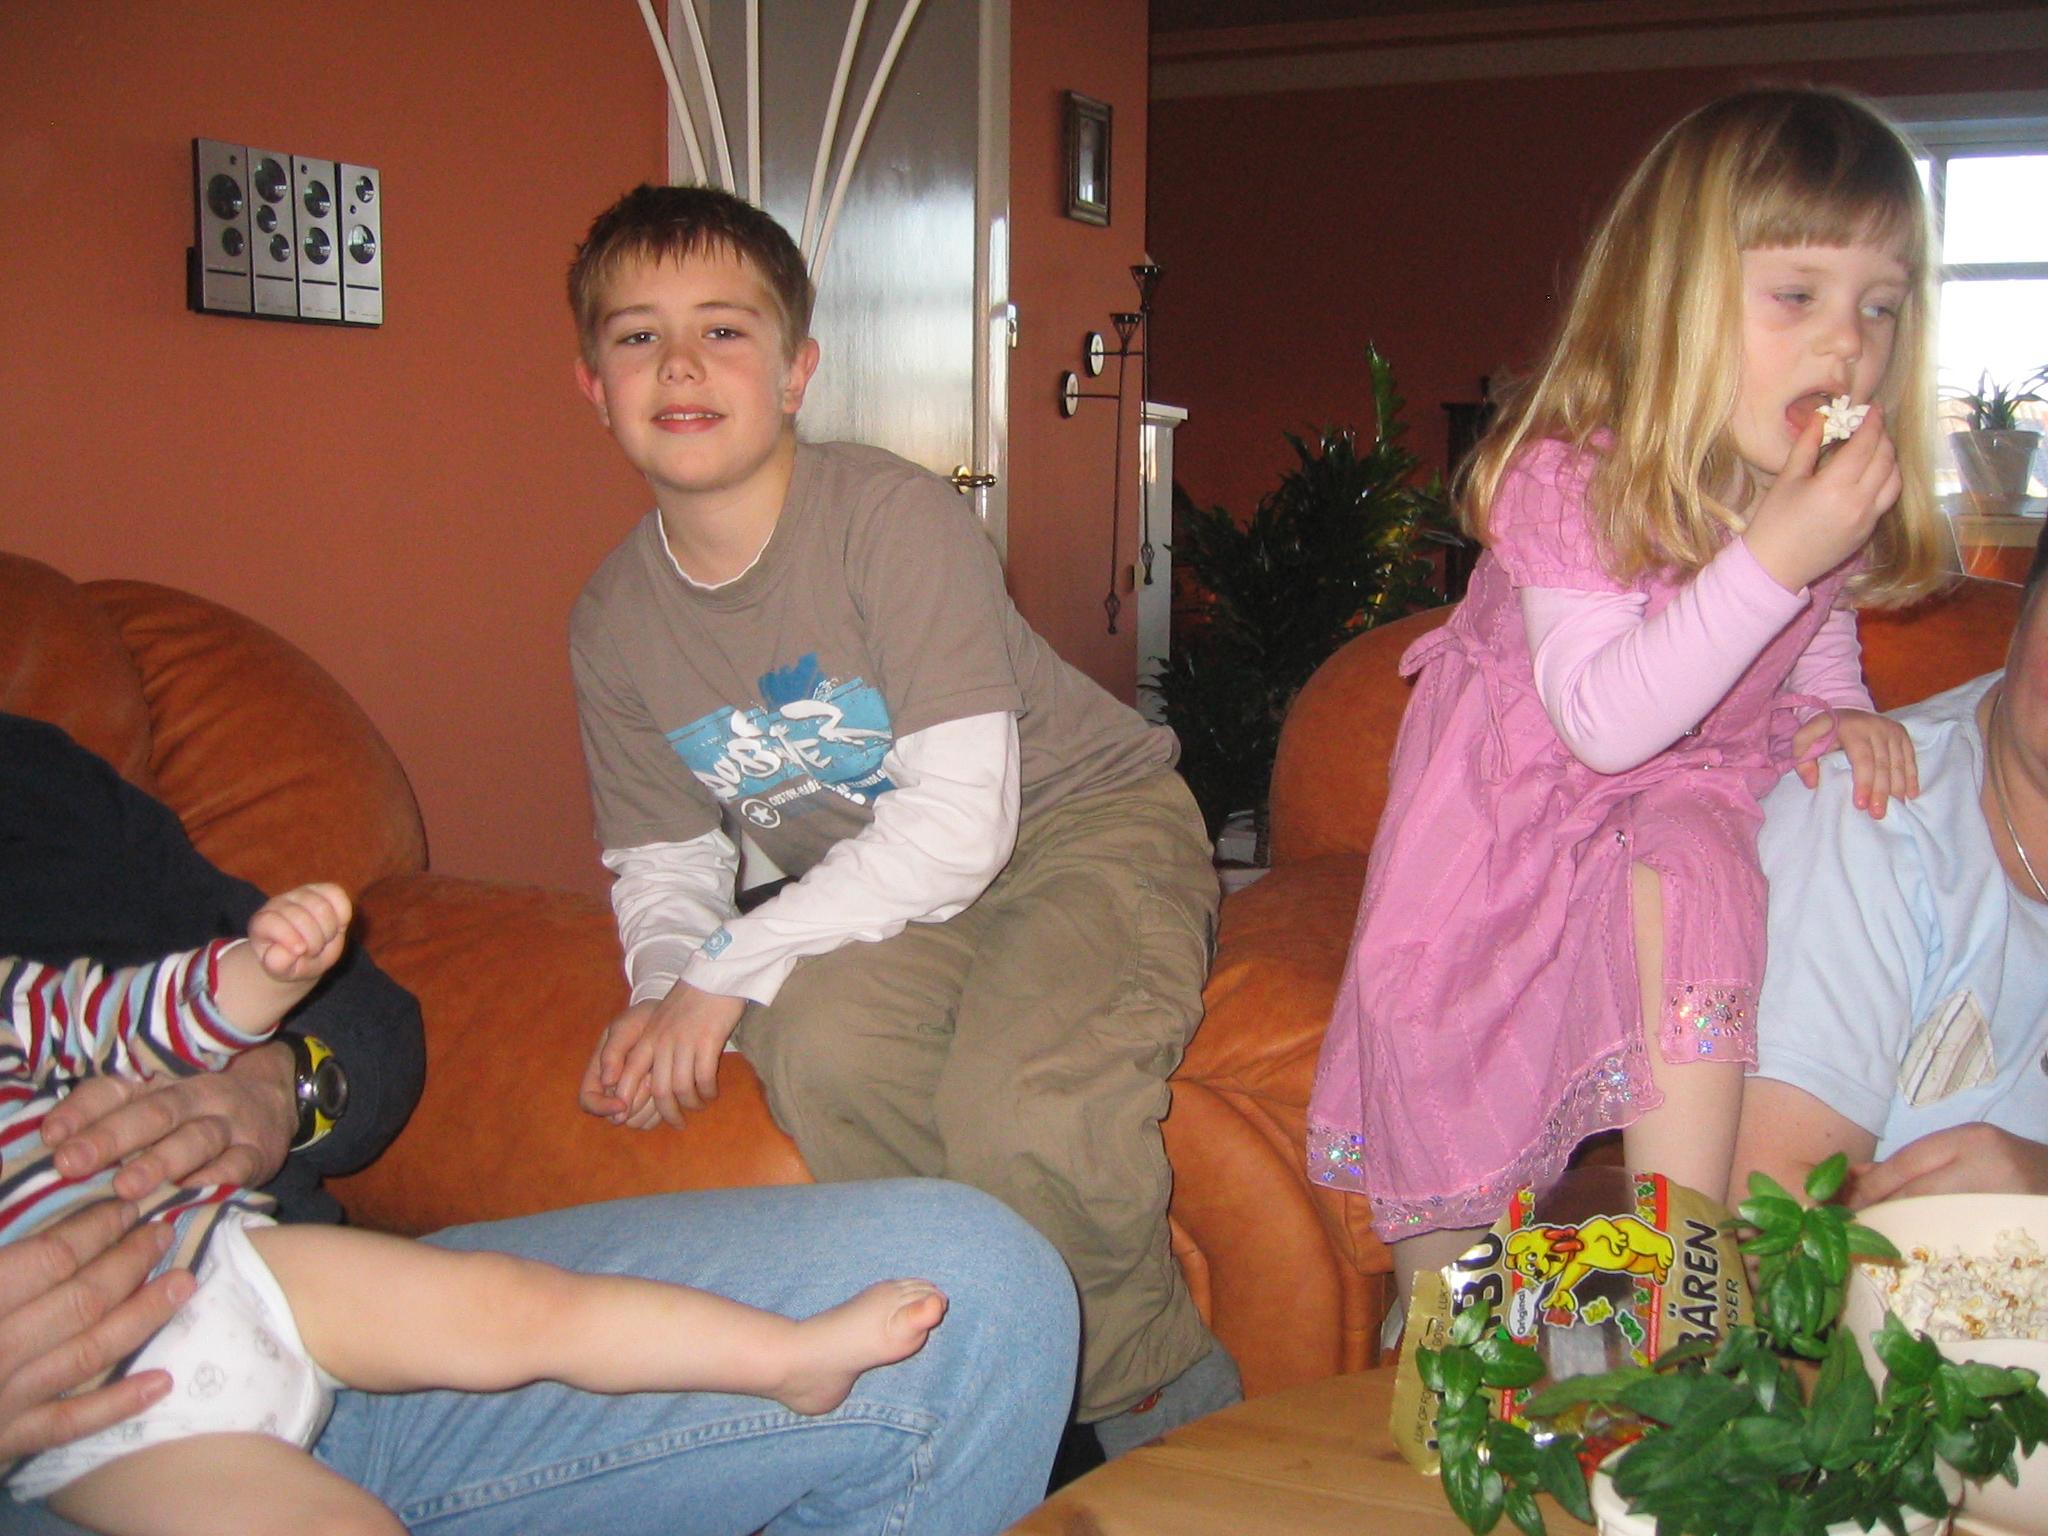 IMG_6989 FAMILIEN KRAGH PÅ BESØG 29-01-06 (2)